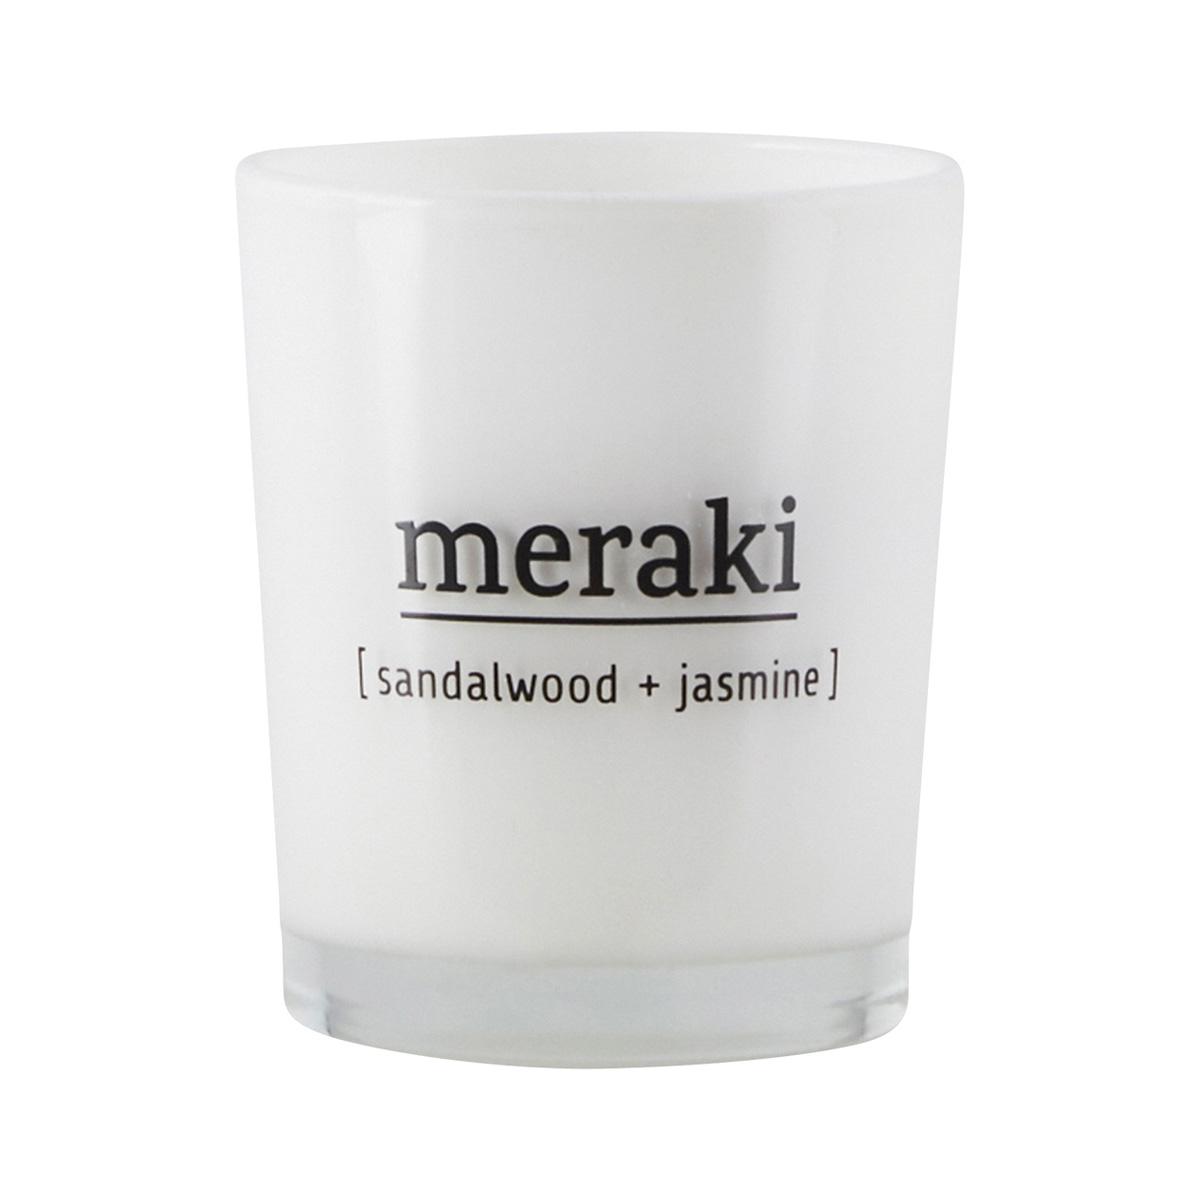 Mini Meraki Sandalwood & Jasmine Candle